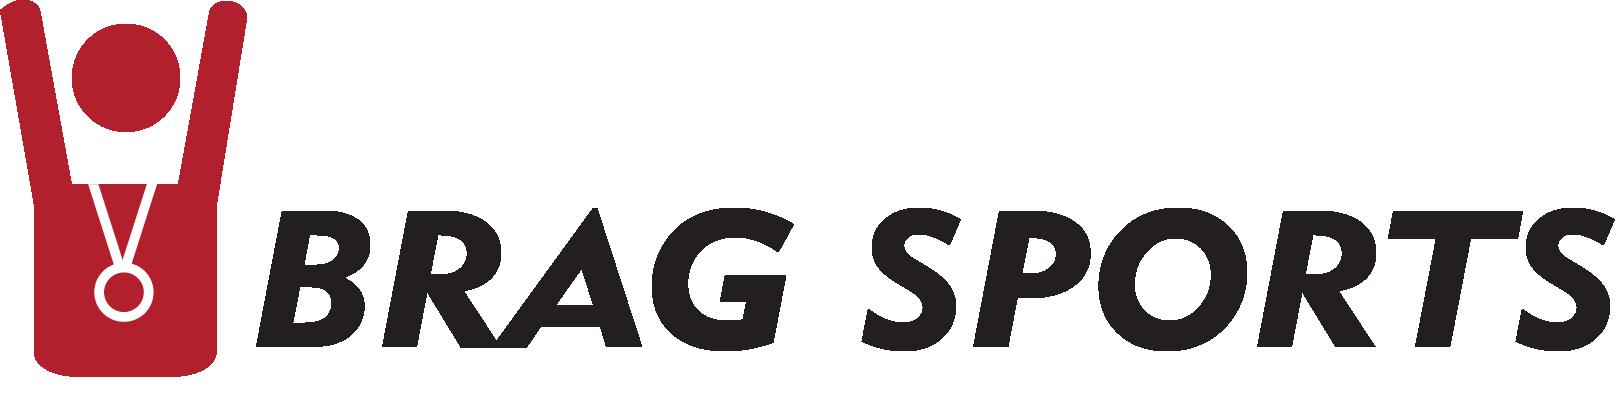 Brag Sports logo